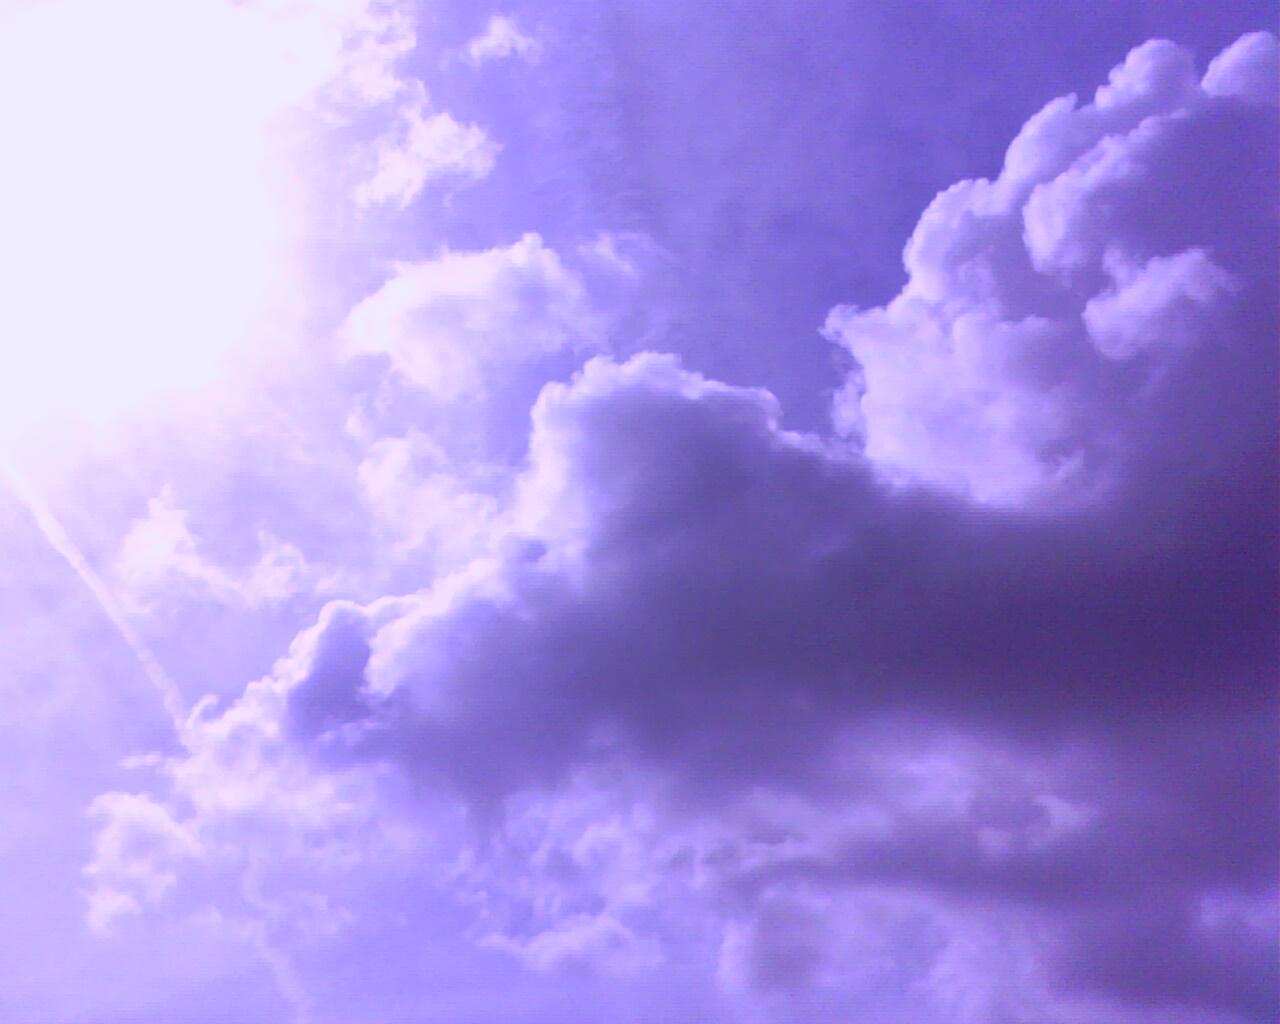 Mirar al cielo.